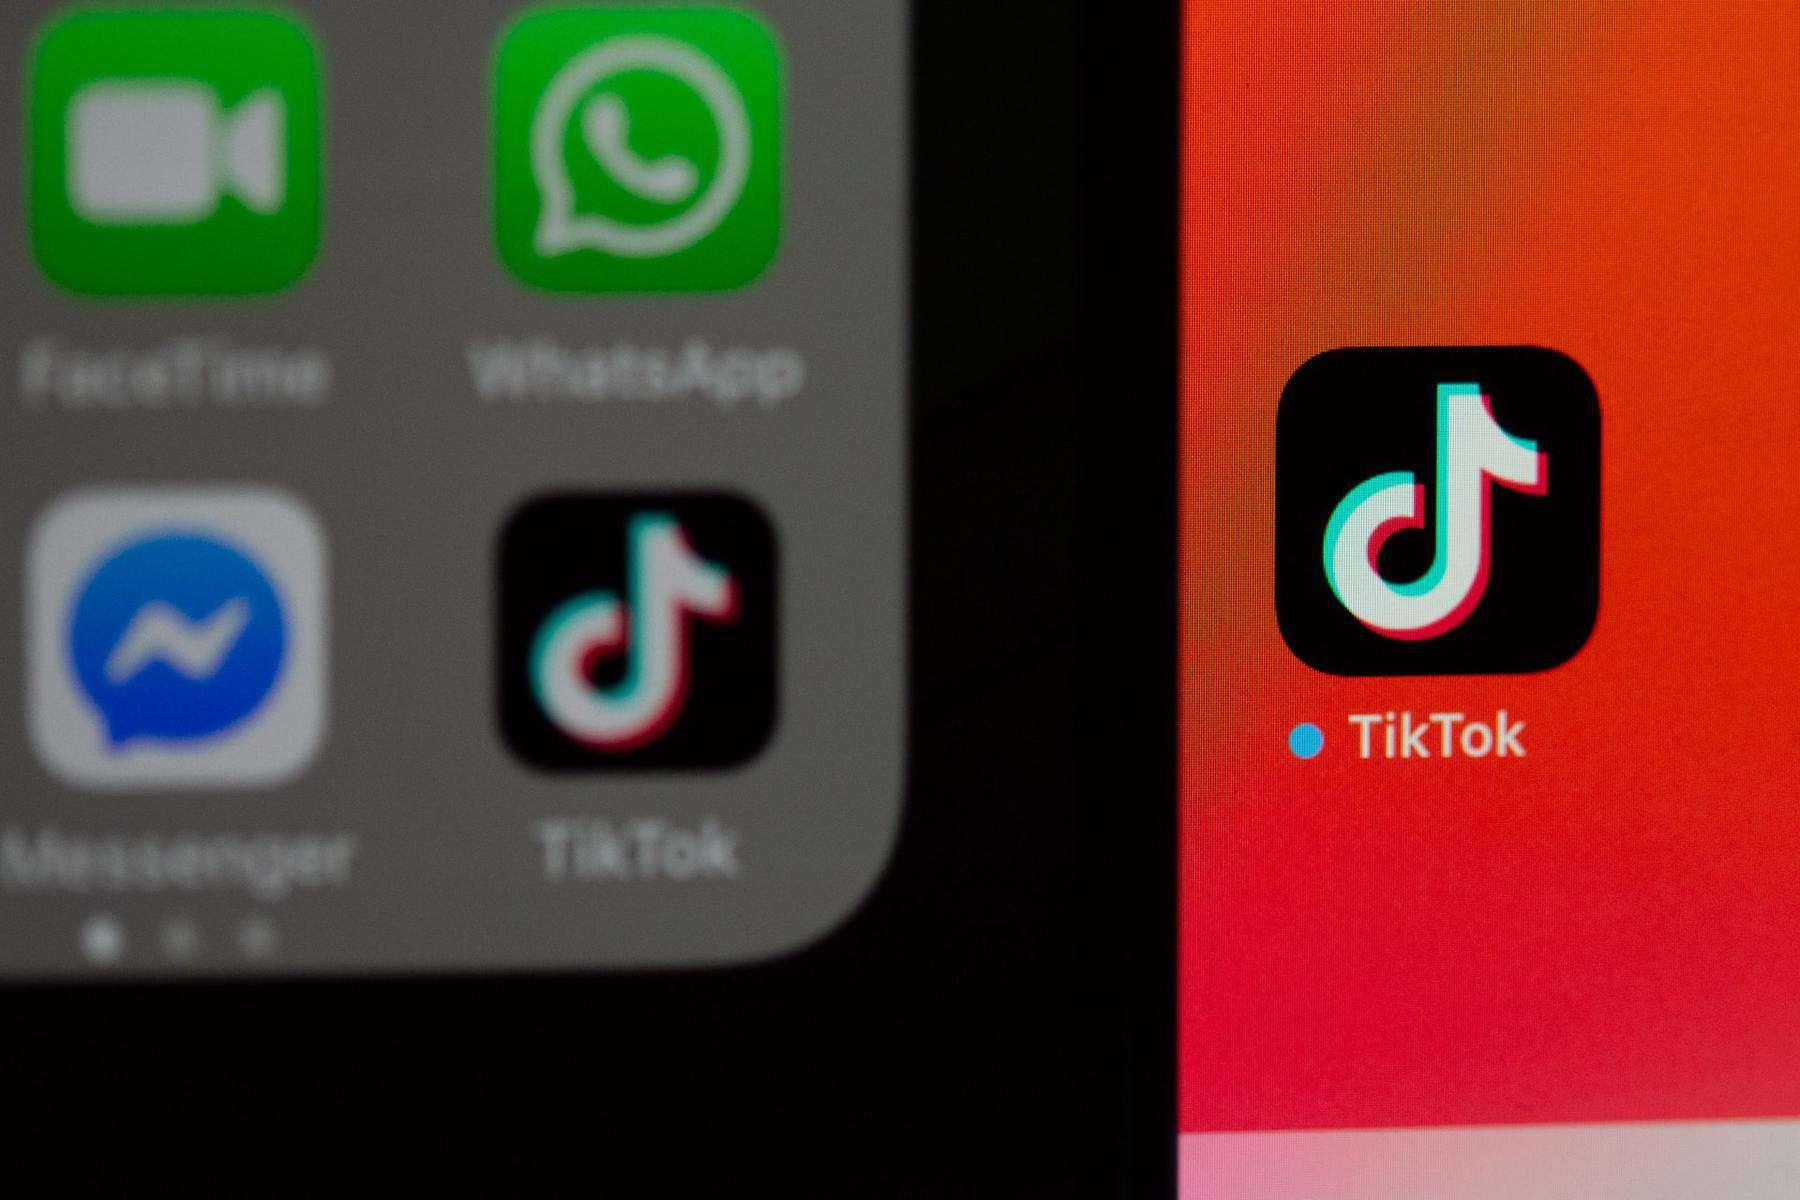 TikTok app up close